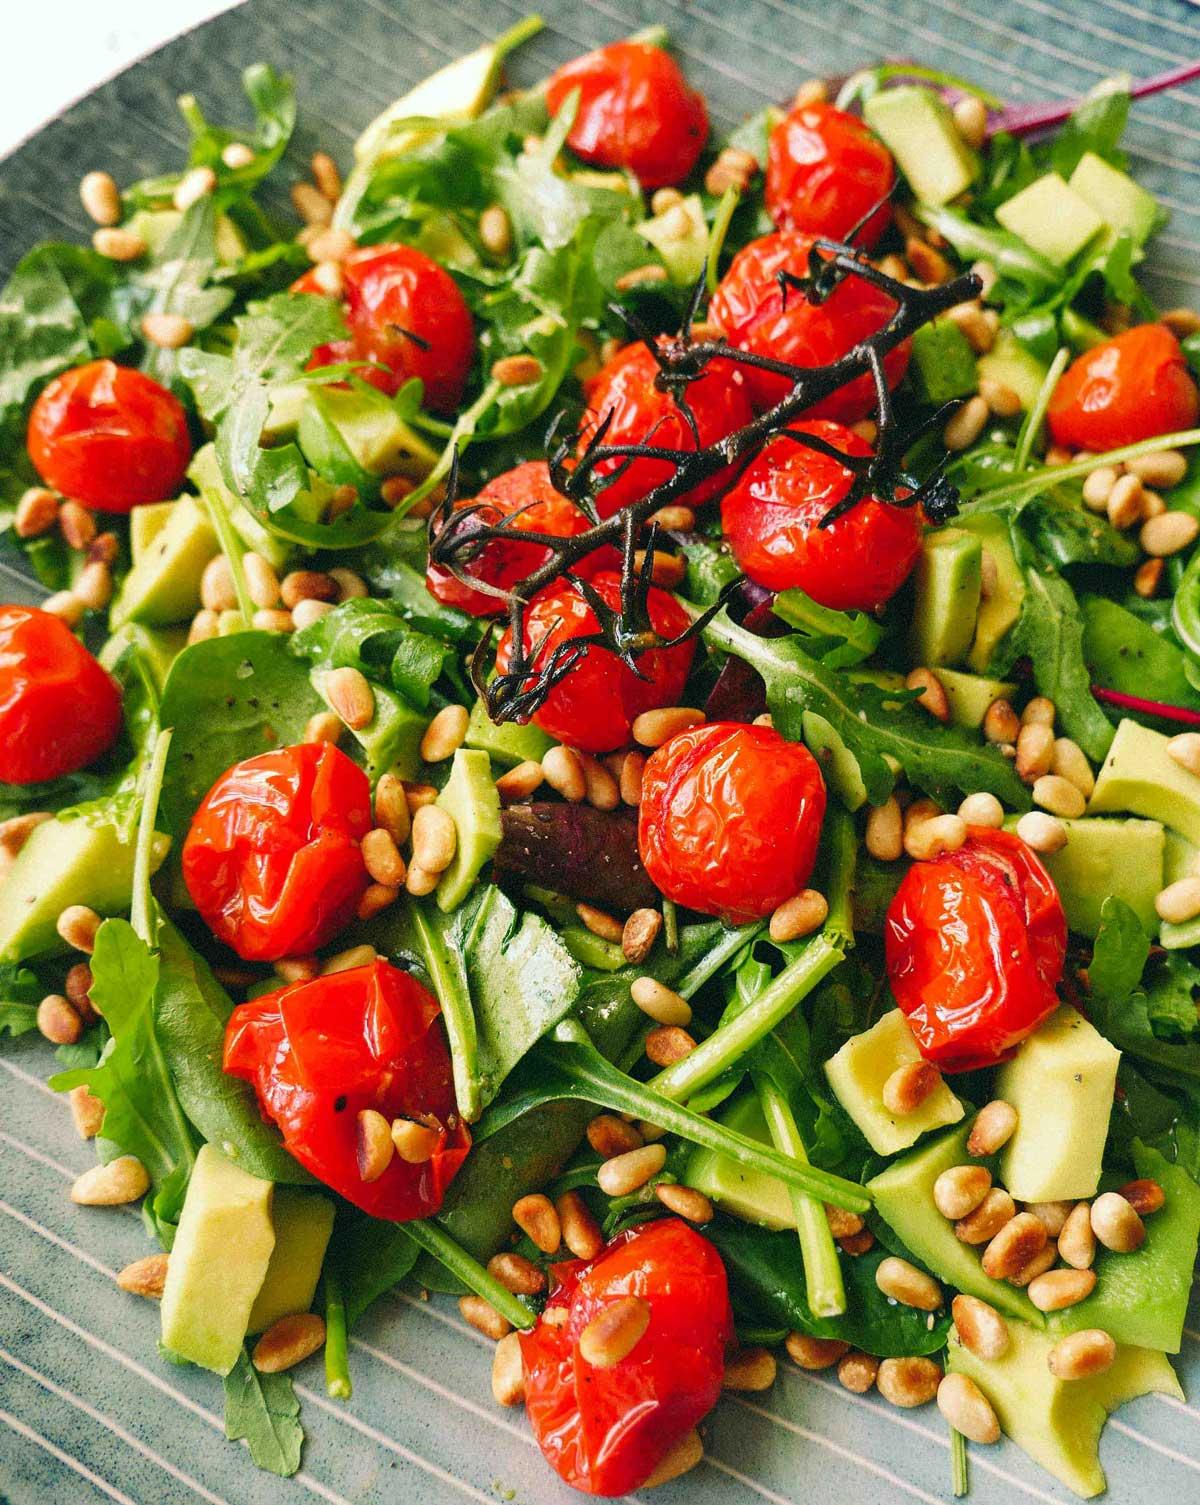 bagte tomater i salat med rucola